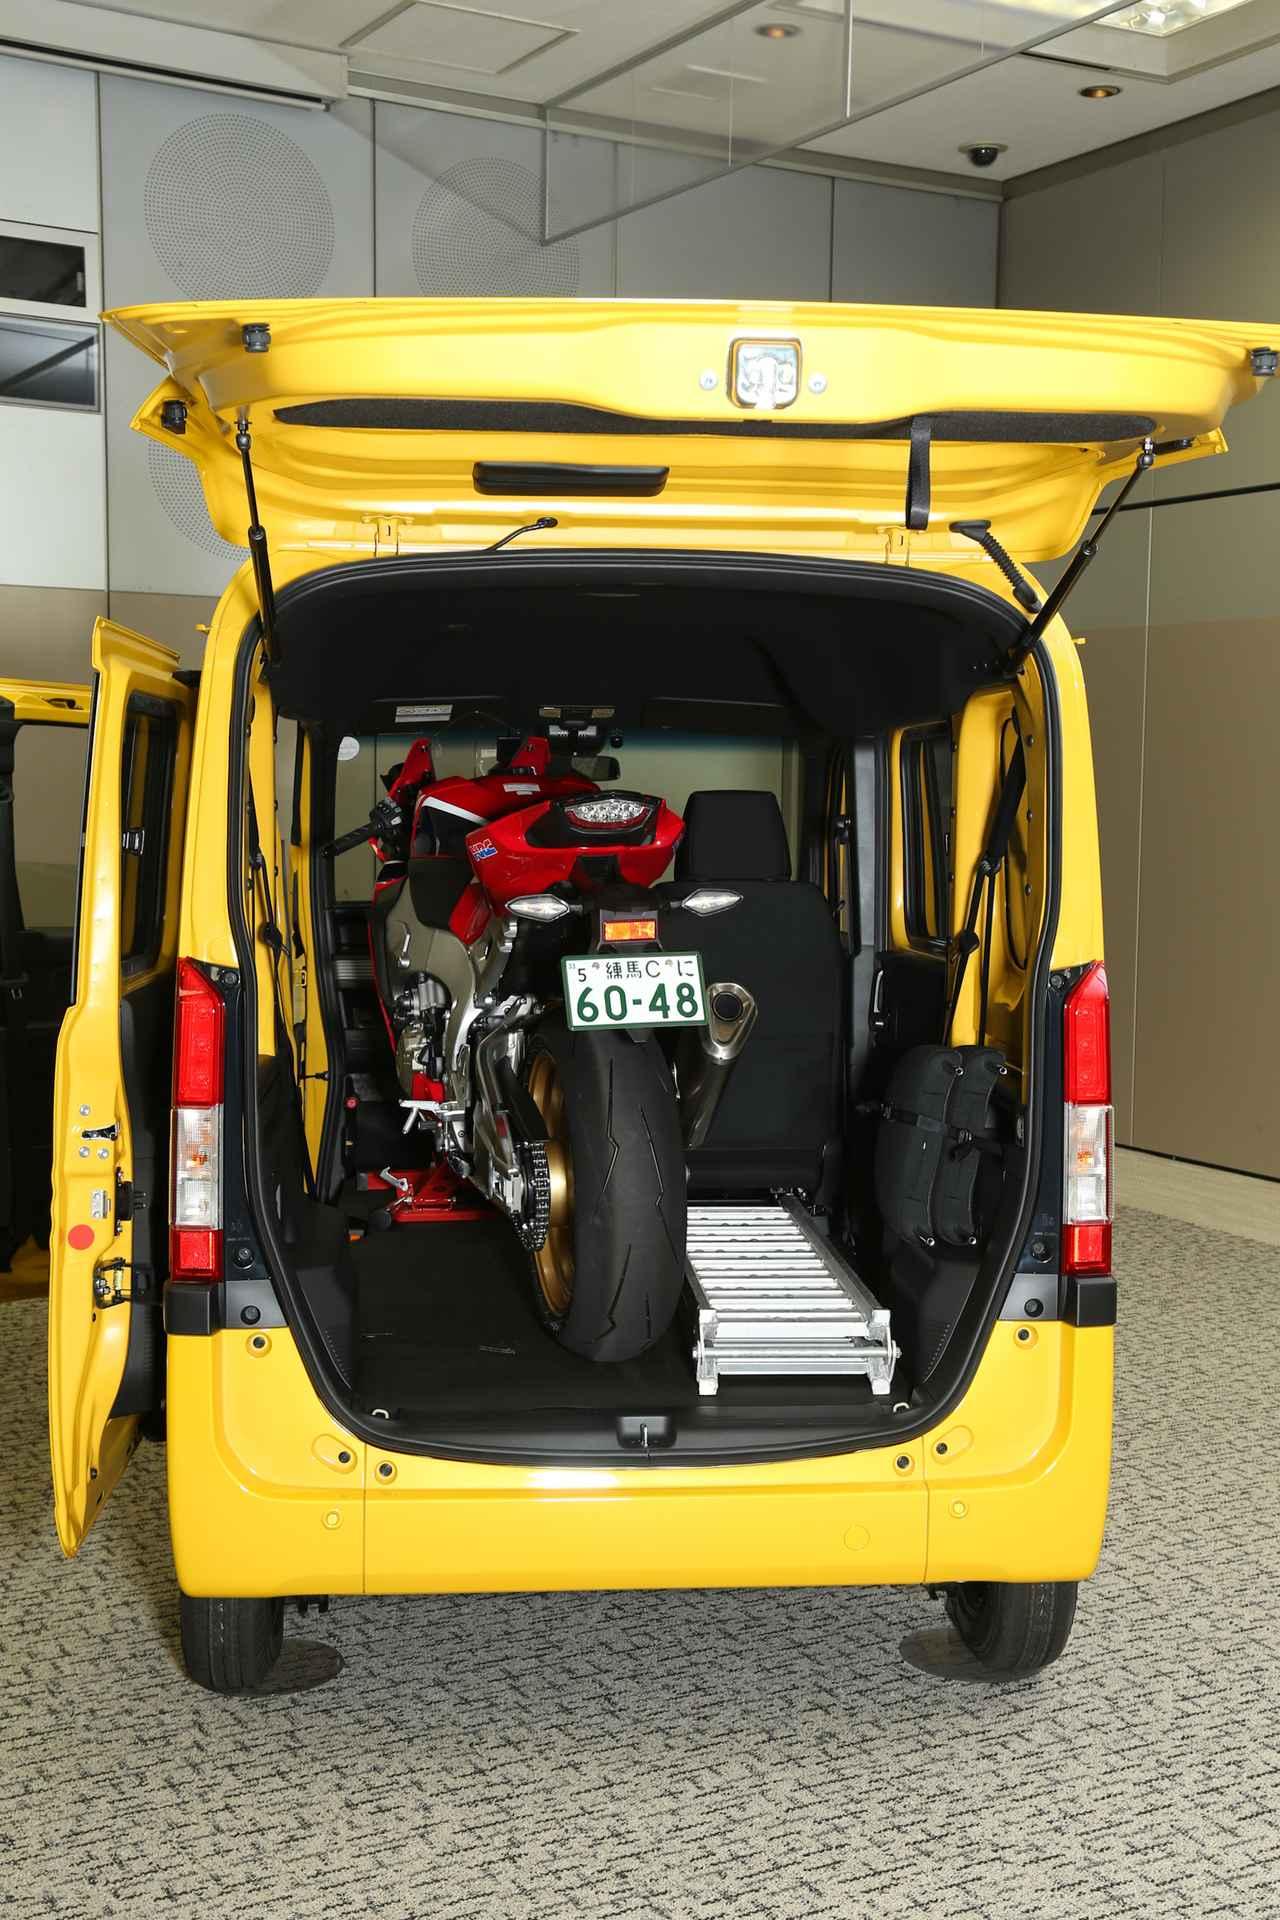 画像: サーキット走行を楽しむには十分なスペースでしょう。車両の右側には、装備品や工具を積み込むスペースもあります。